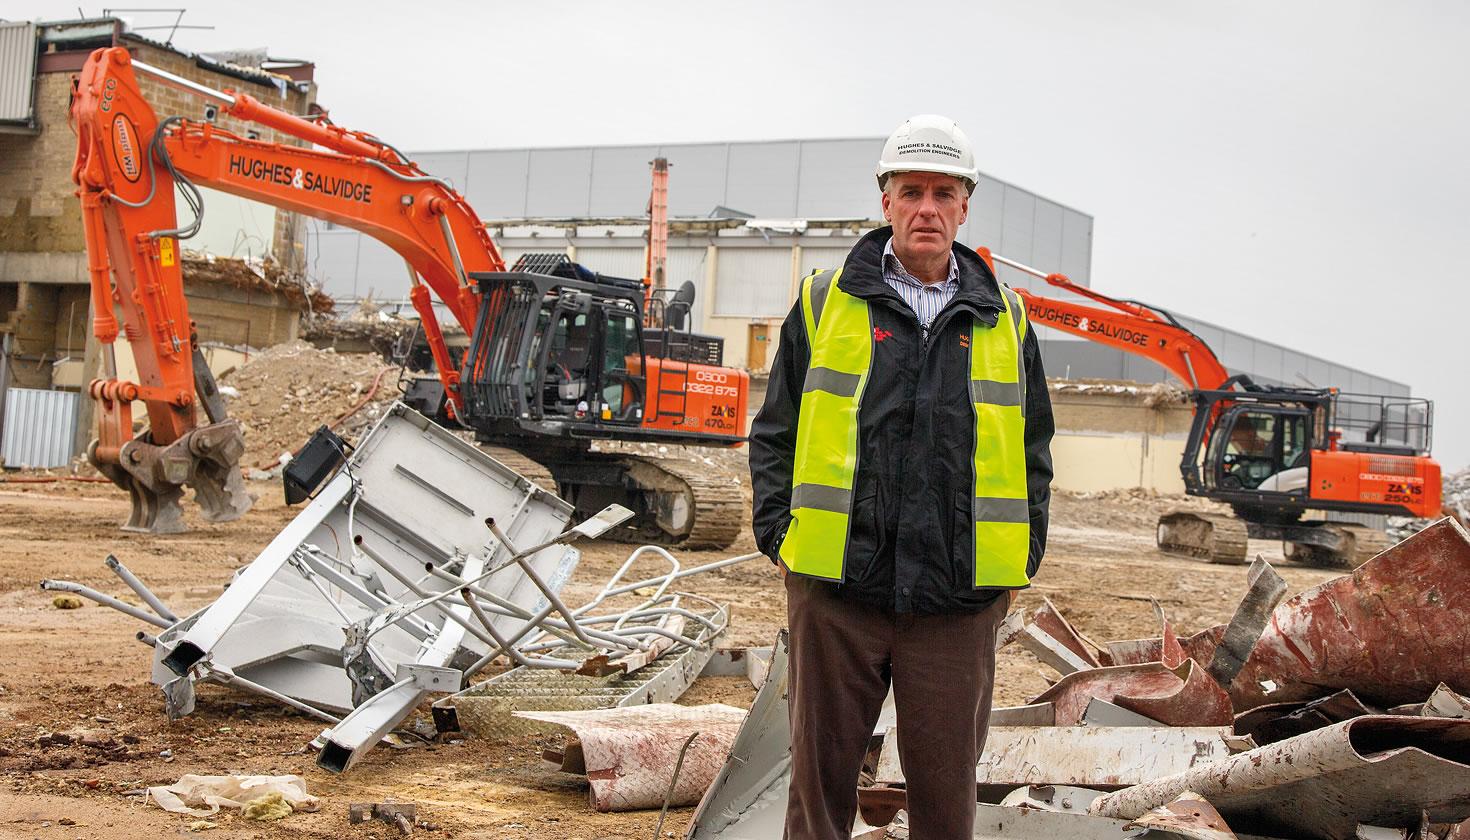 Hughes & Salvidge Managing Director Martyn Burnett